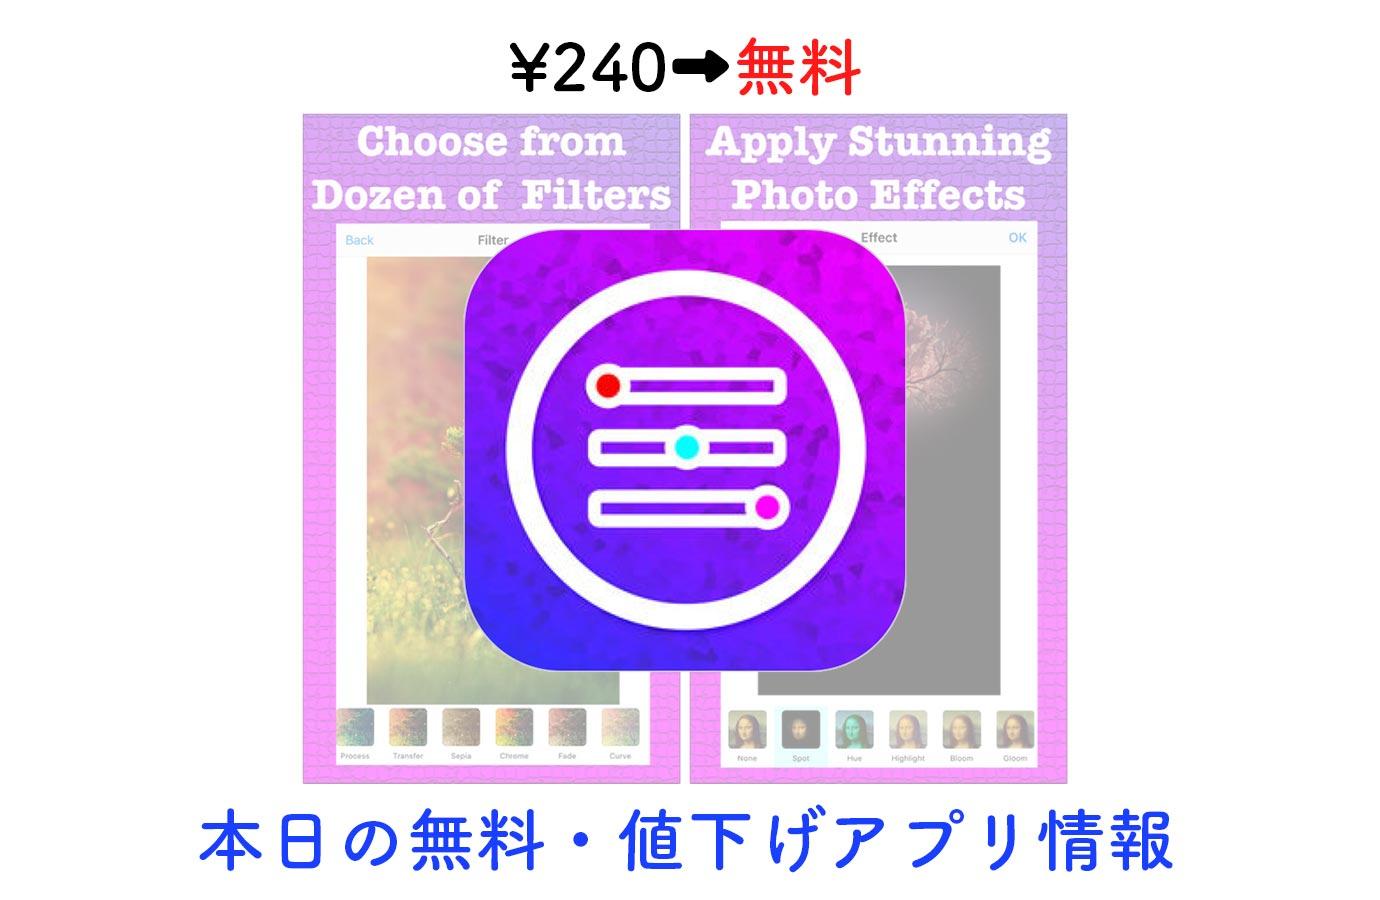 ¥240→無料、多数の機能が搭載された写真加工アプリ「Picture Perfect」など【12/20】本日の無料・値下げアプリ情報